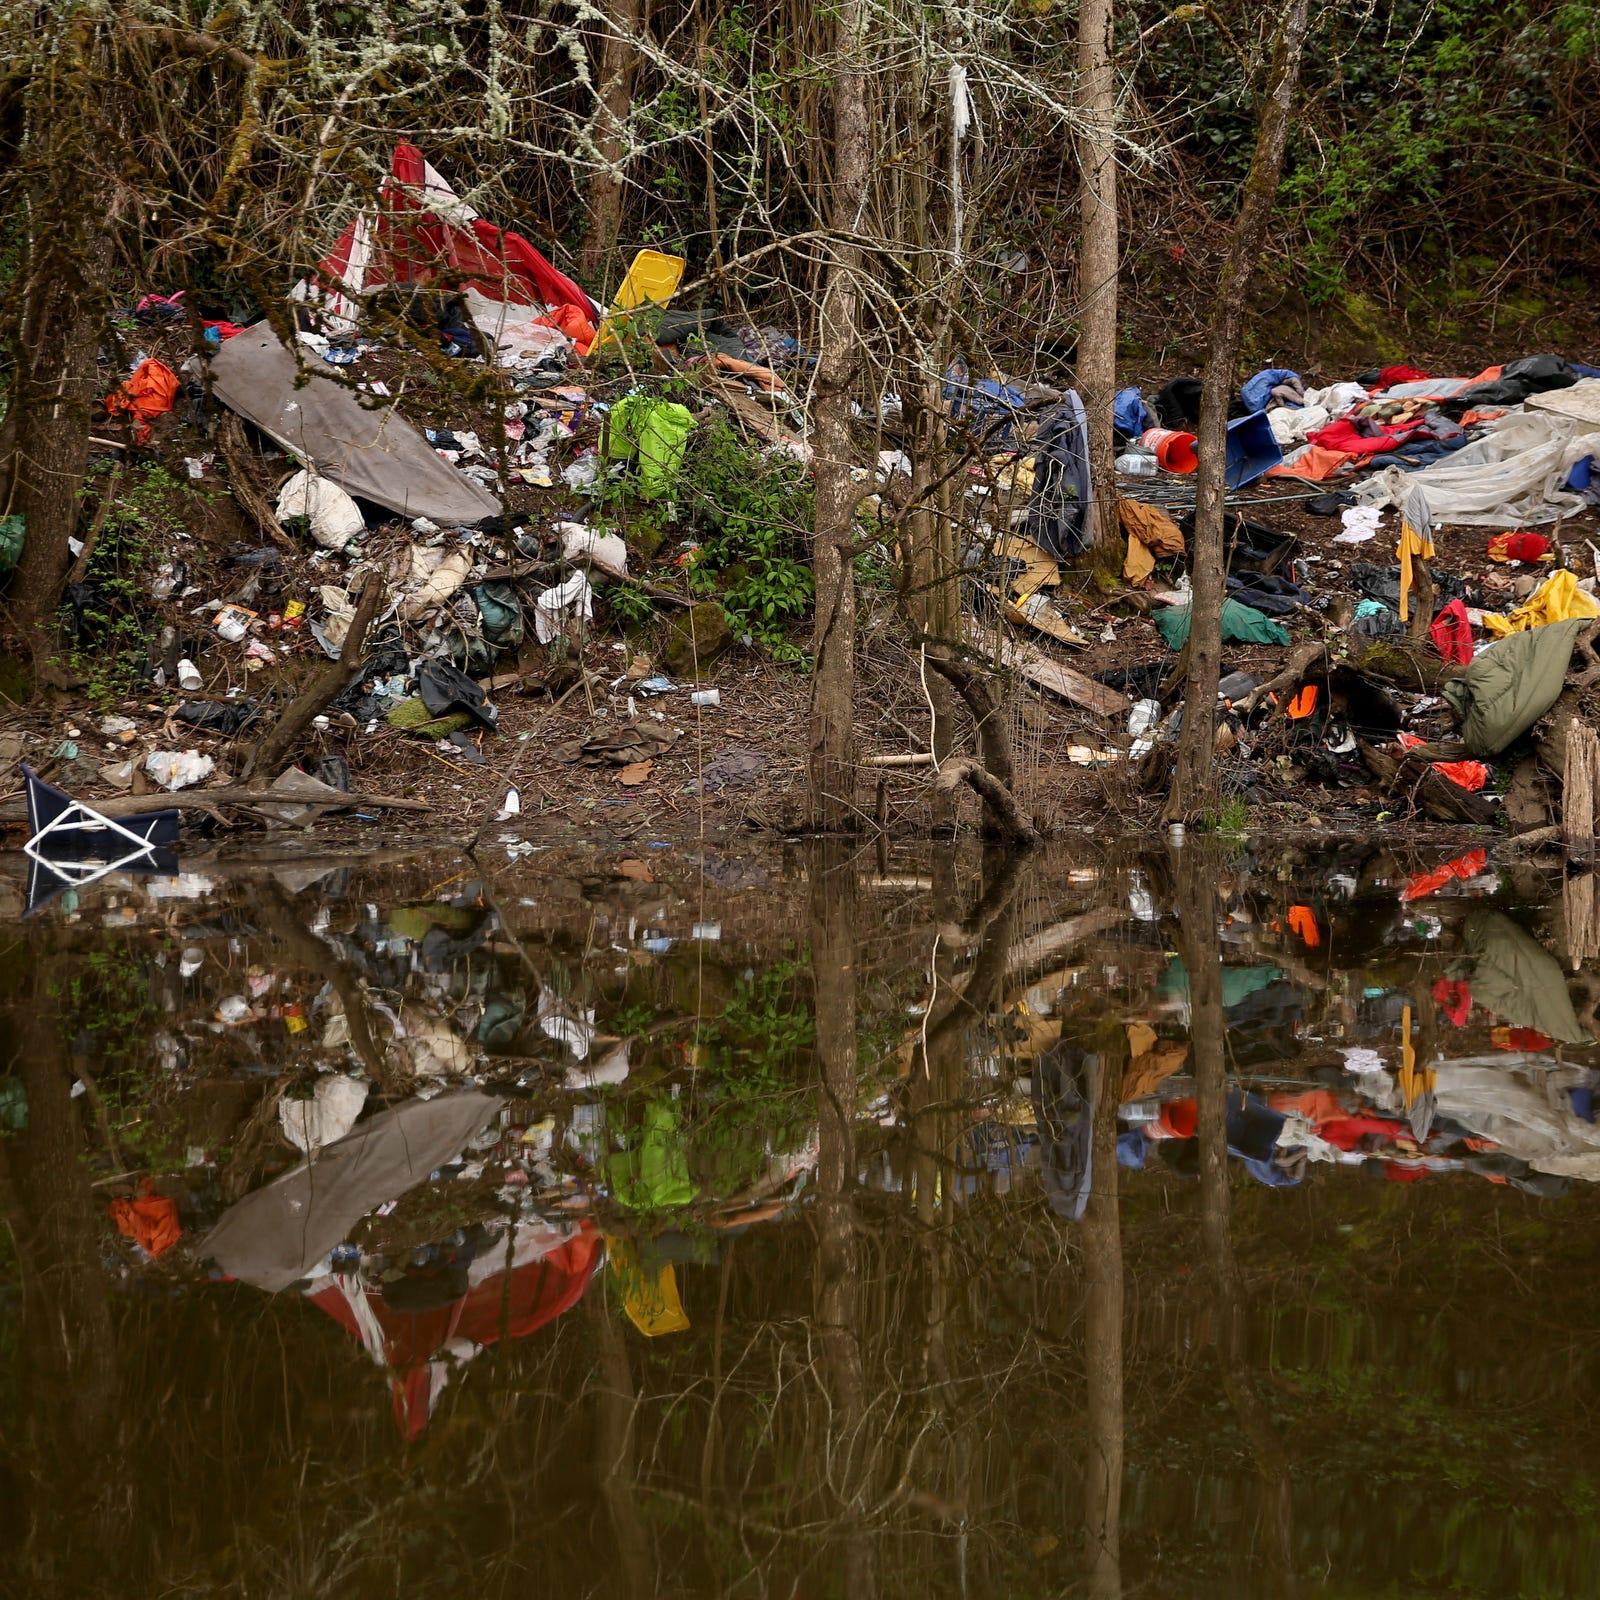 Piles of trash along Salem's Willamette Slough spur concerns; cleanup program starts in May